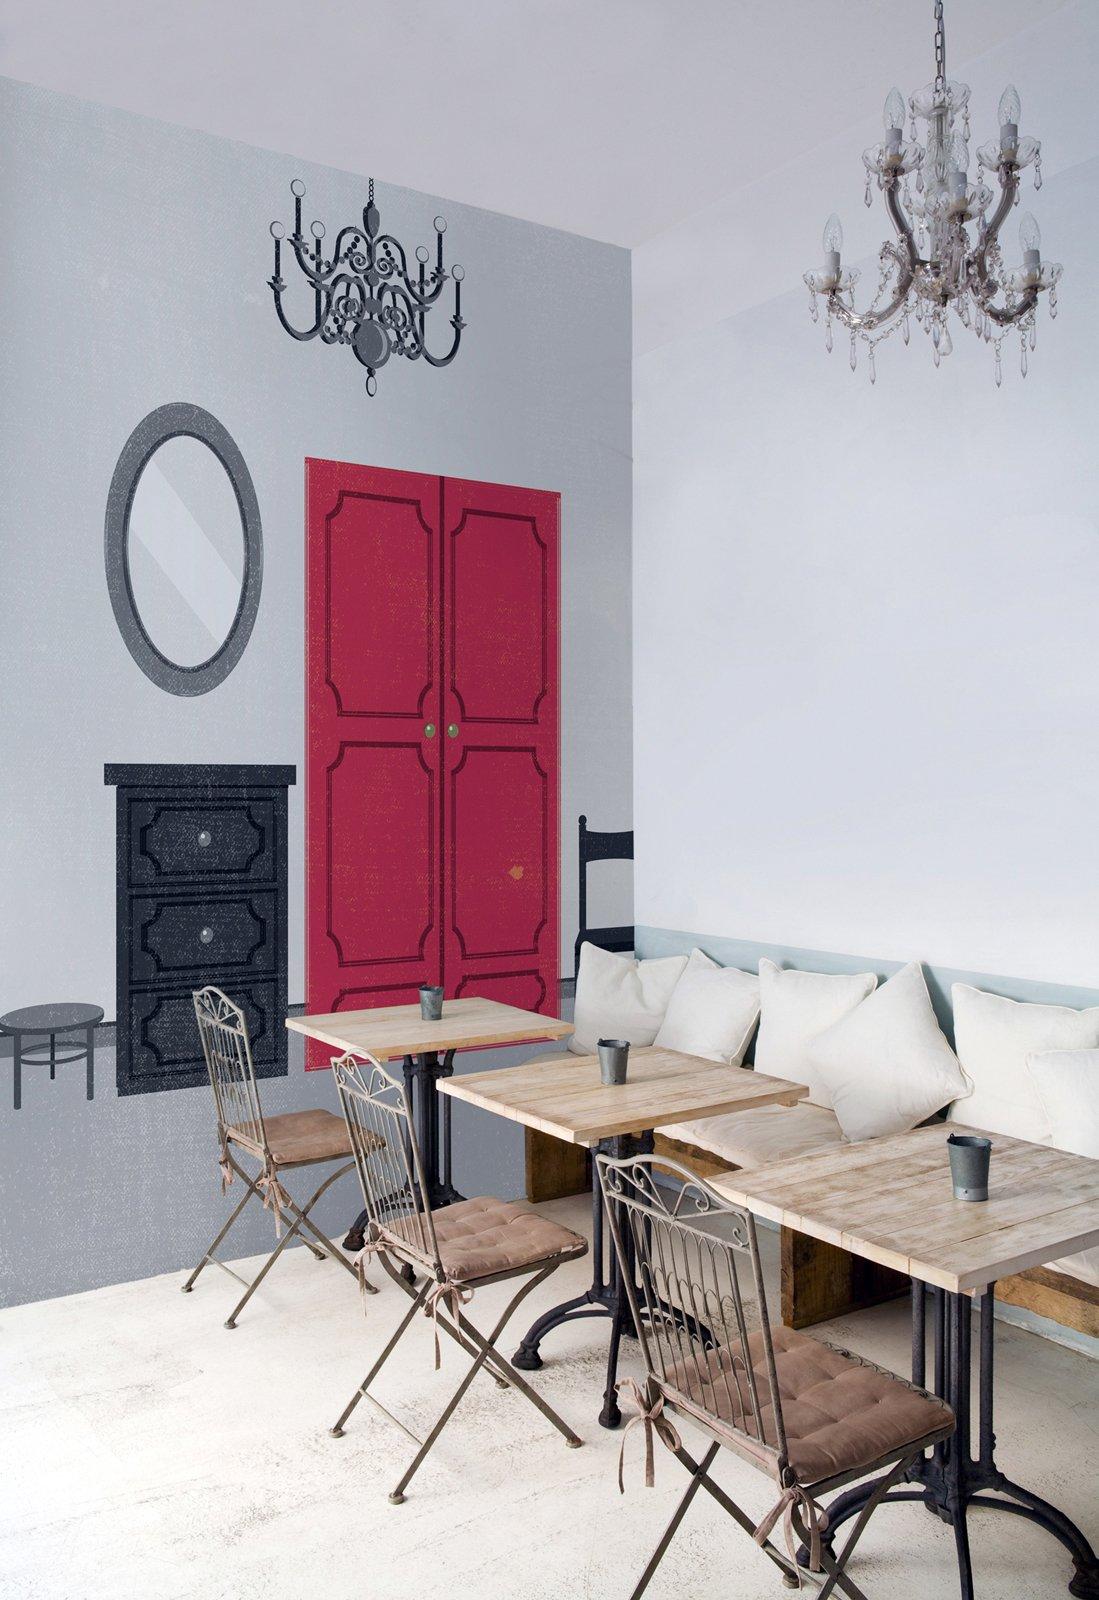 La carta da parati per trasformare le pareti di casa - Carta parati cucina lavabile ...